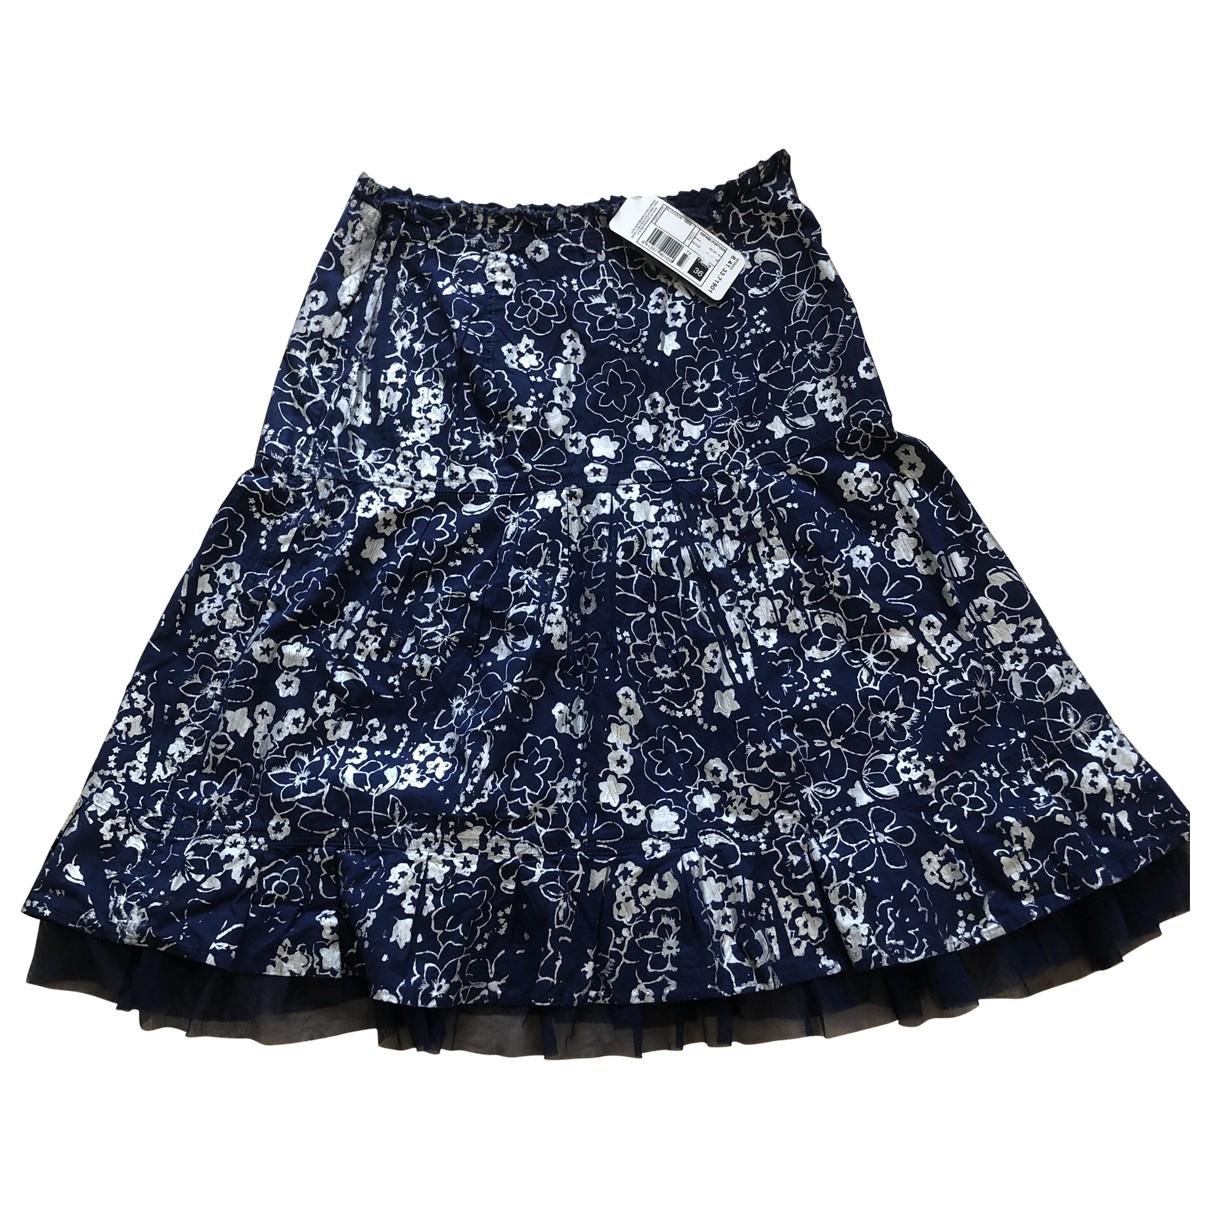 Adolfo Dominguez \N Navy Cotton skirt for Women 36 FR